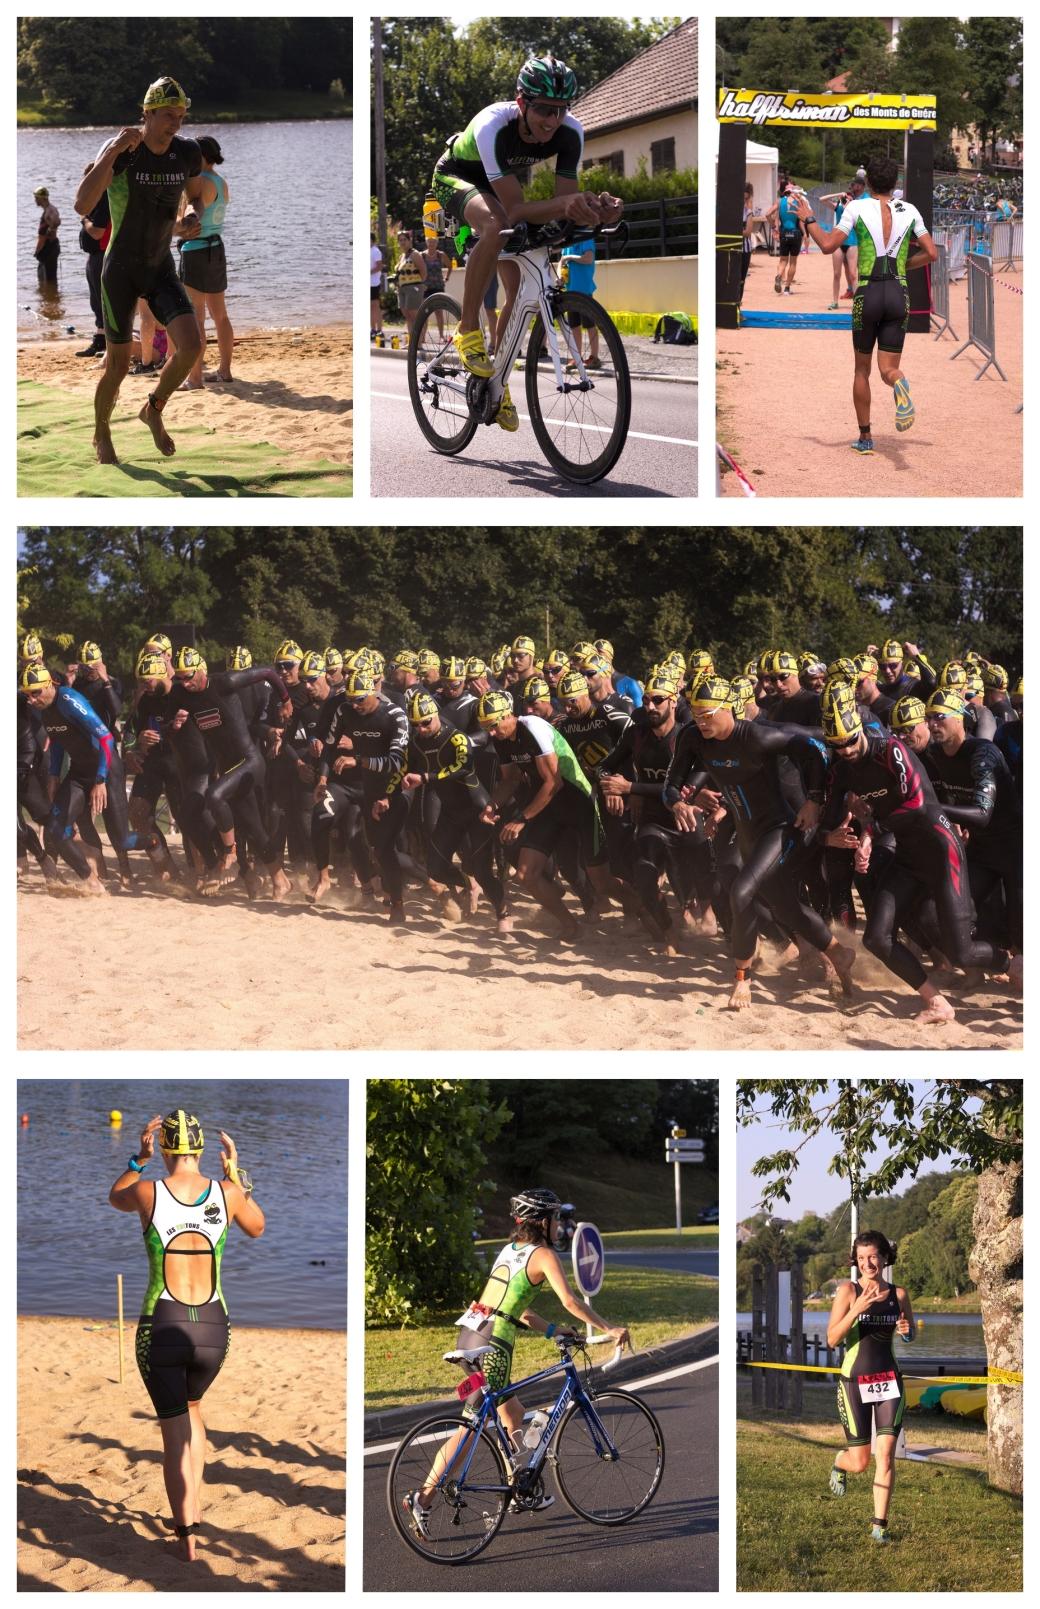 2018.07.01 - Triathlon de Guéret.jpg